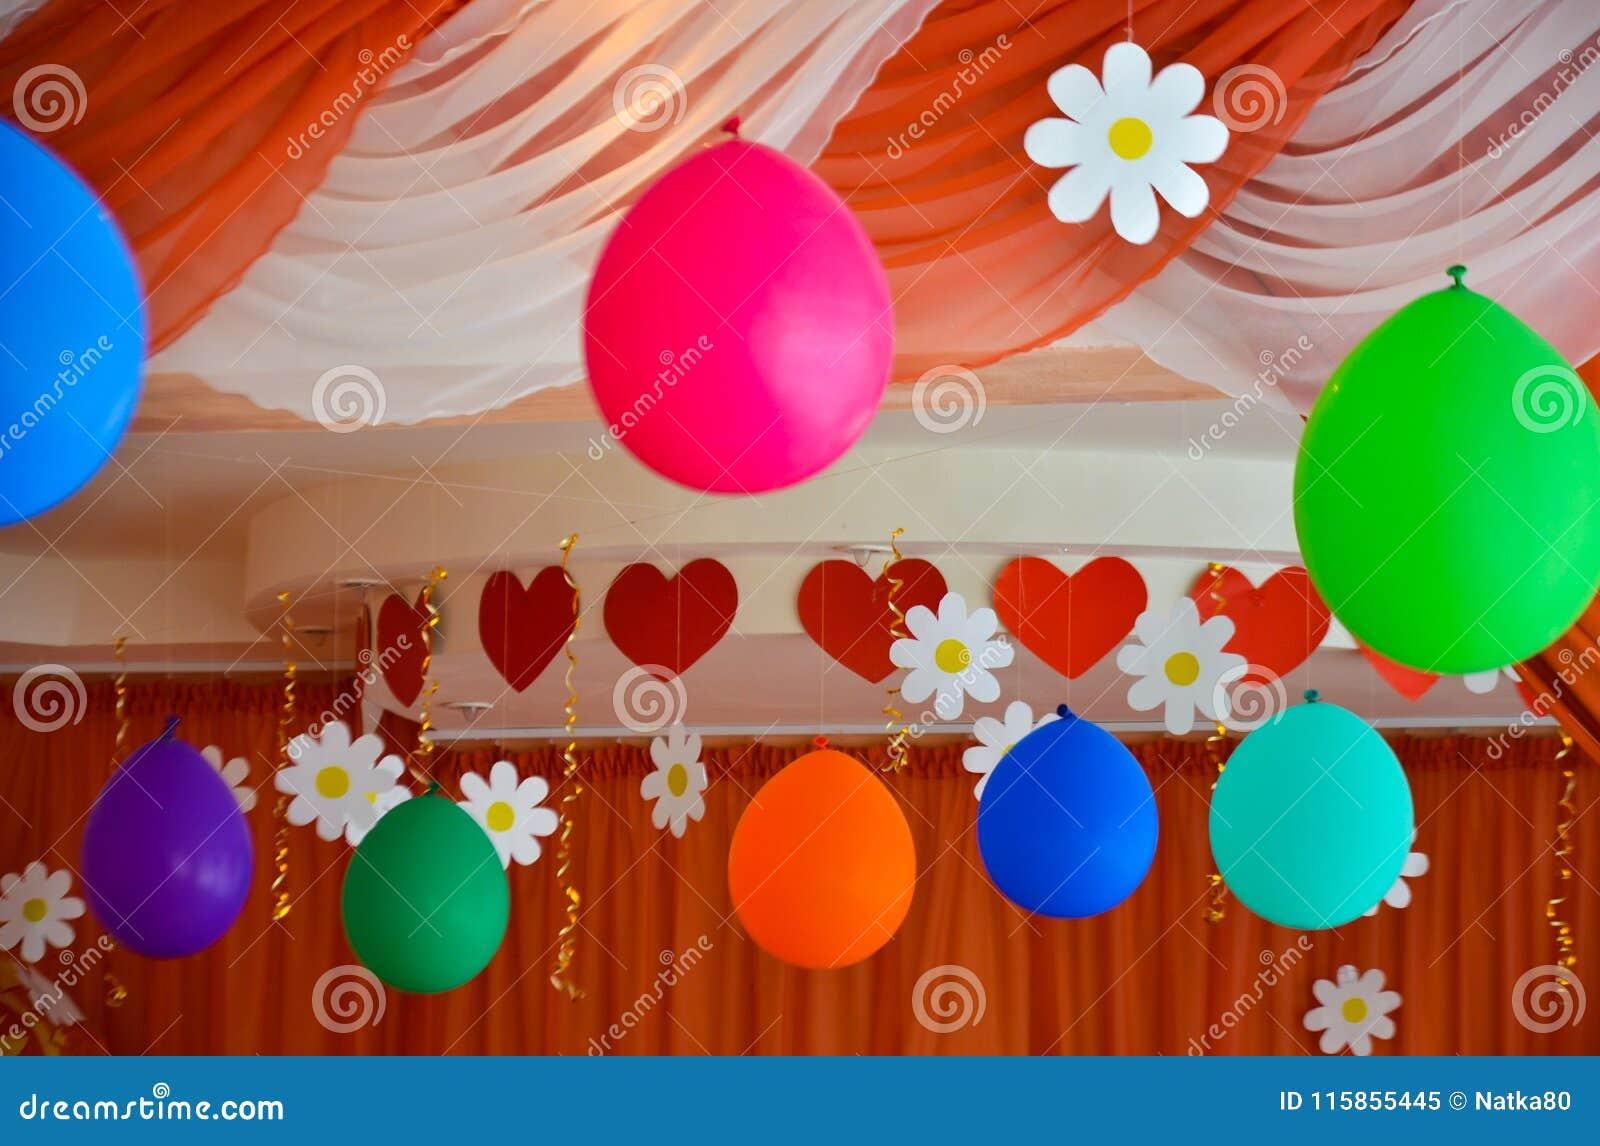 Los ornamentos para el día de fiesta hinchan flámulas